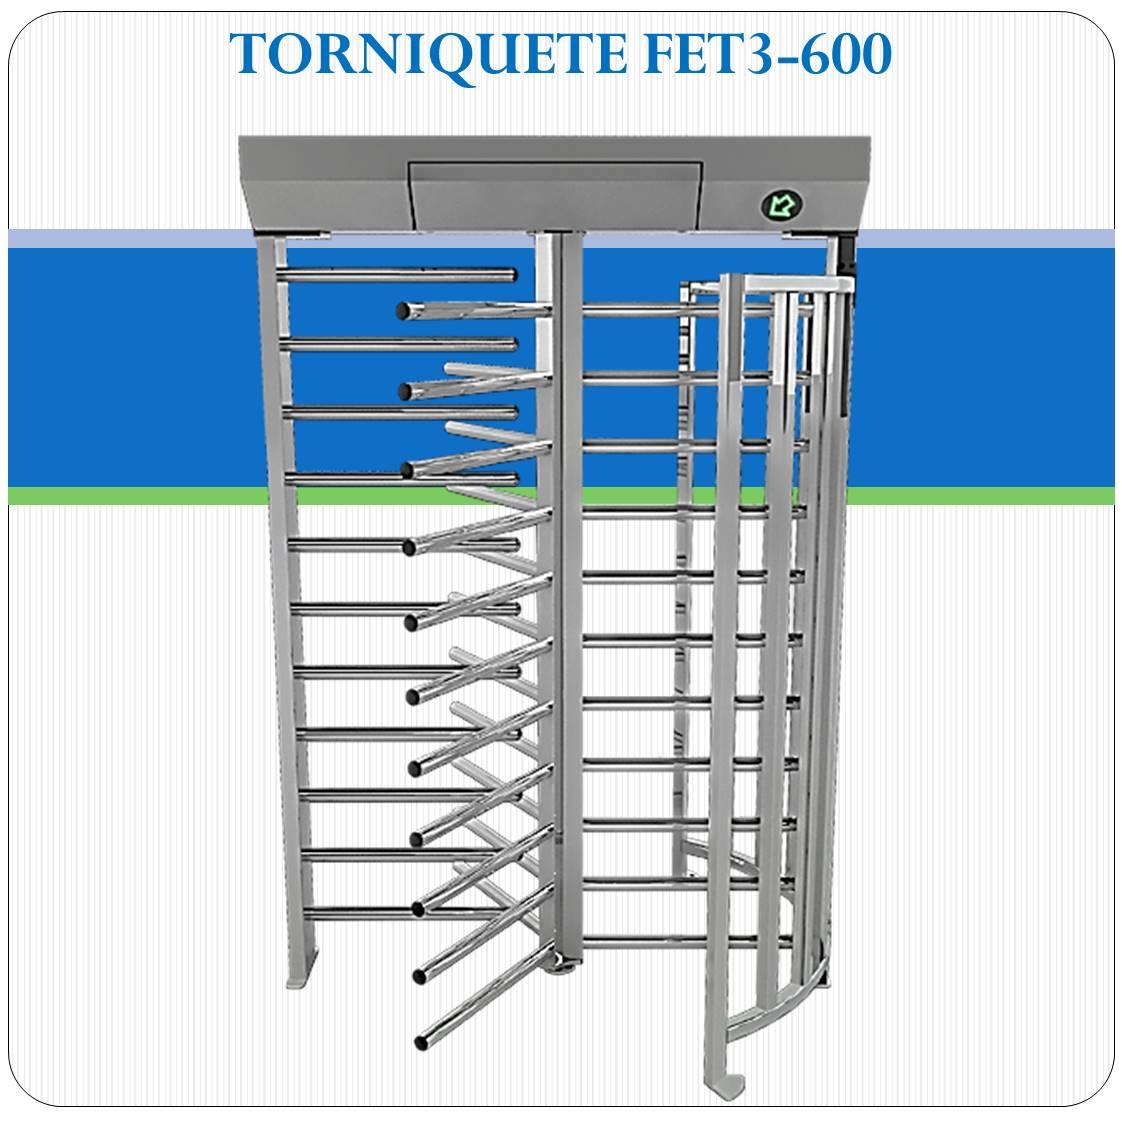 Torniquete FET3-600